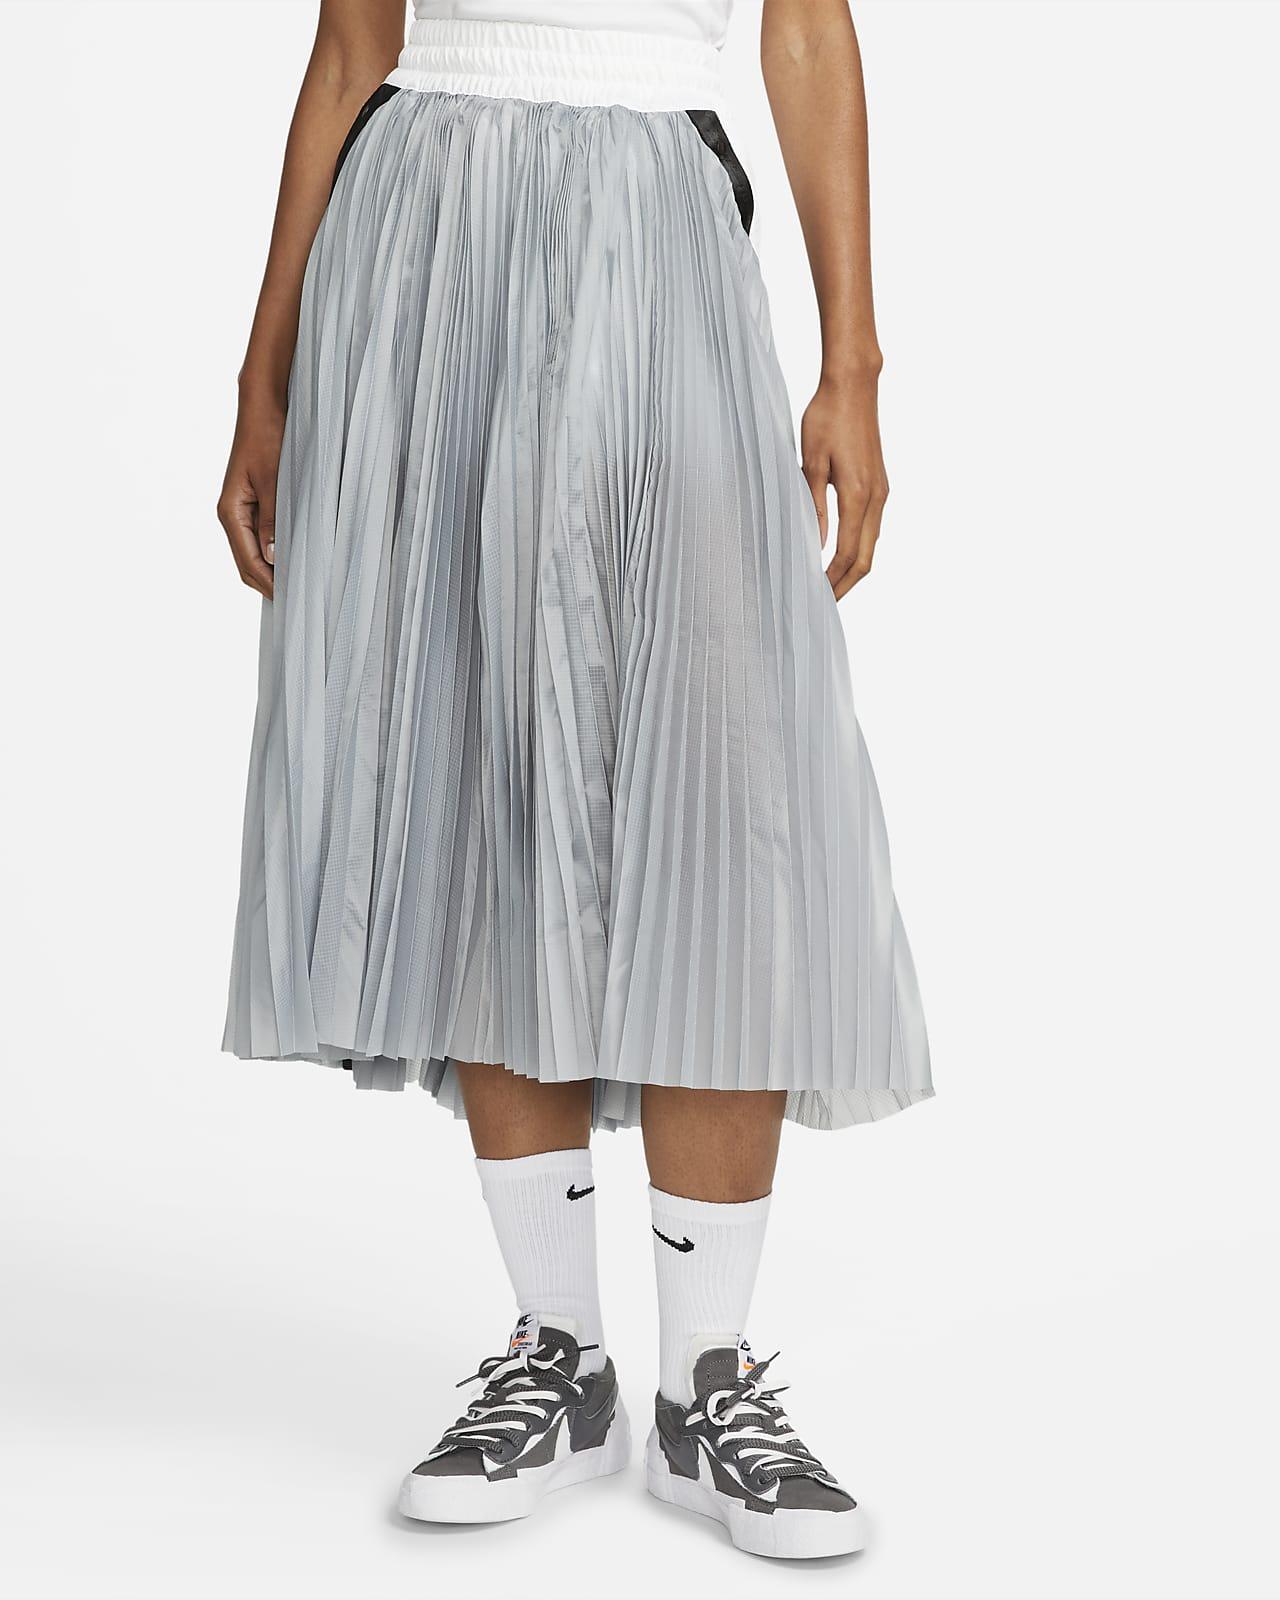 กระโปรงผู้หญิง Nike x sacai